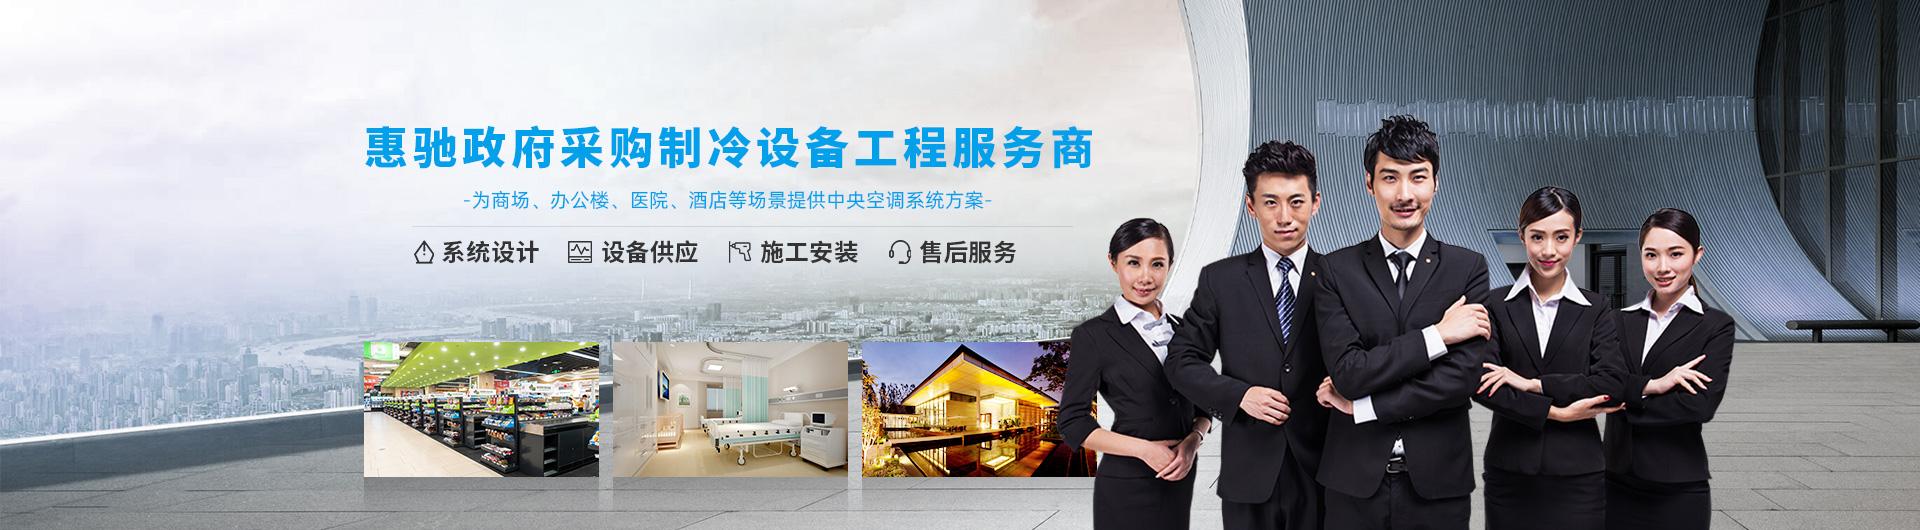 惠驰政府采购制冷设备工程服务商